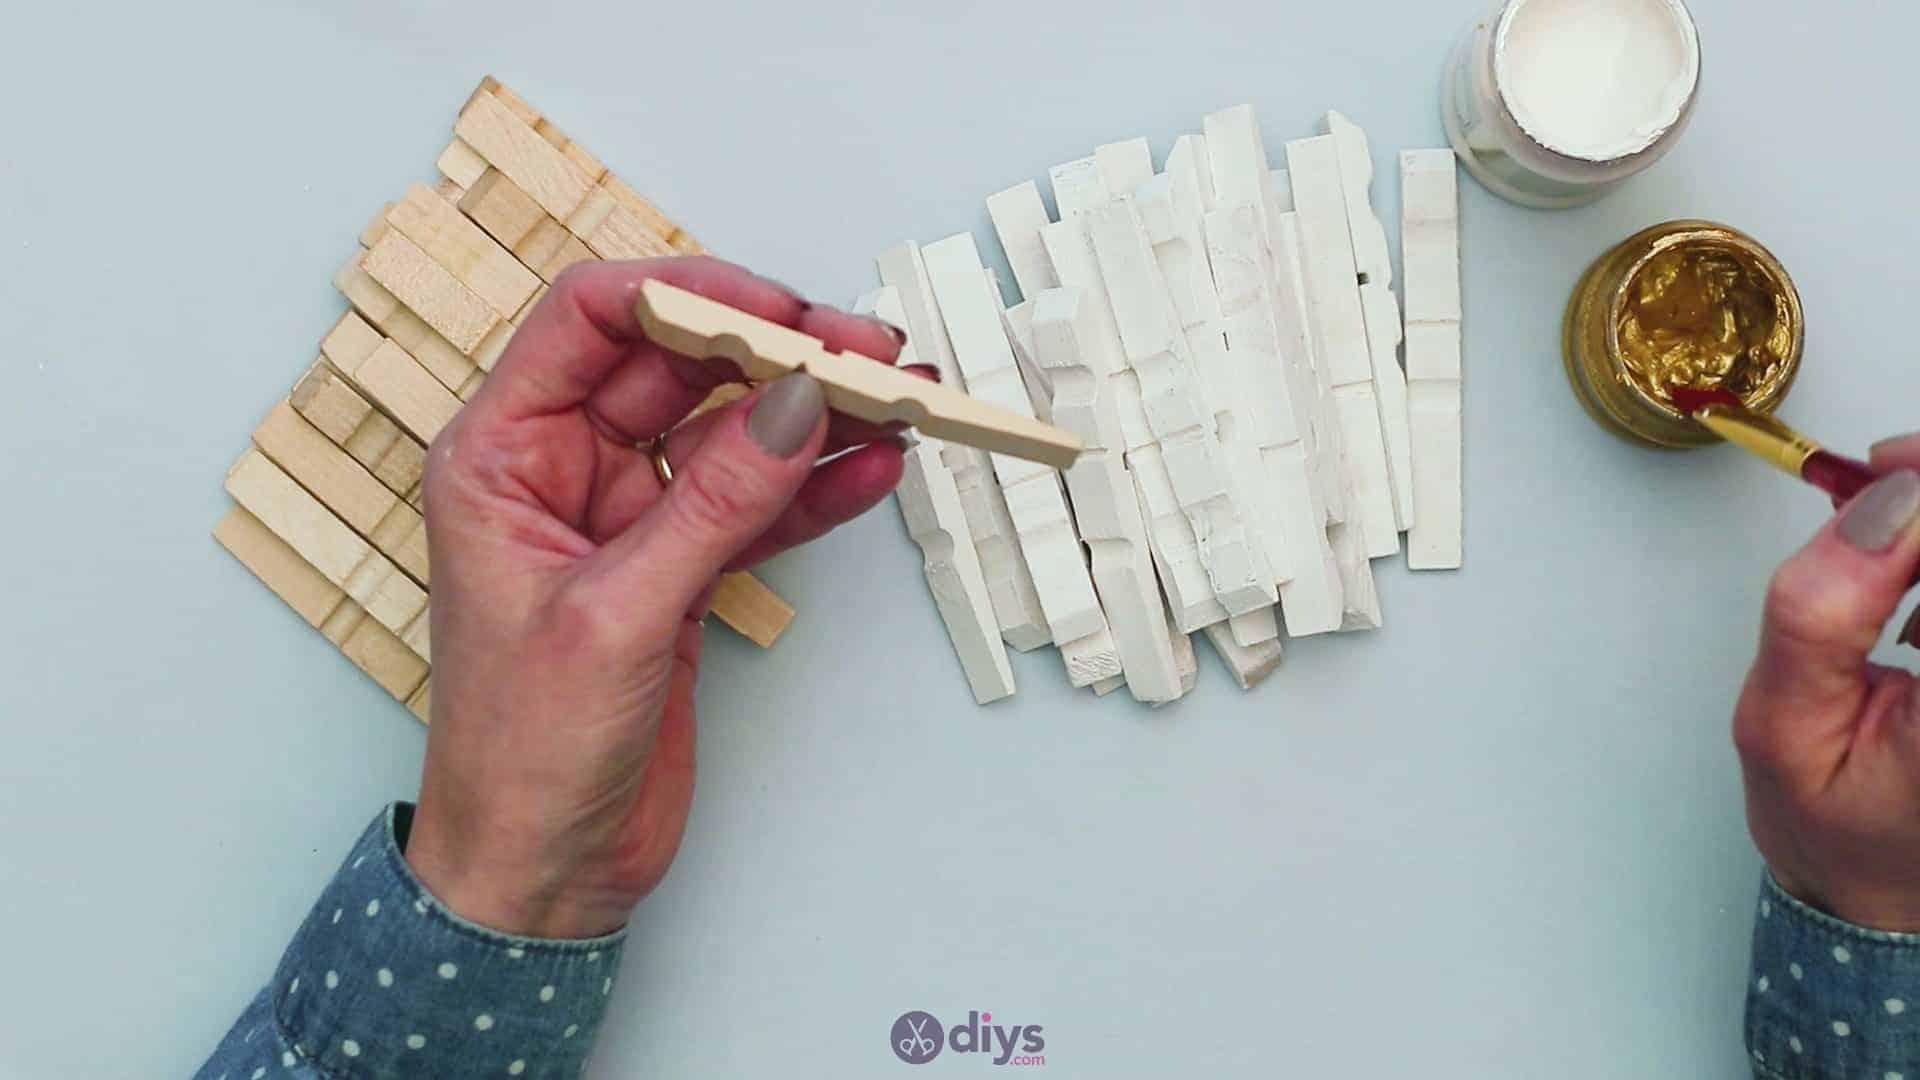 Diy clothespin art step 4